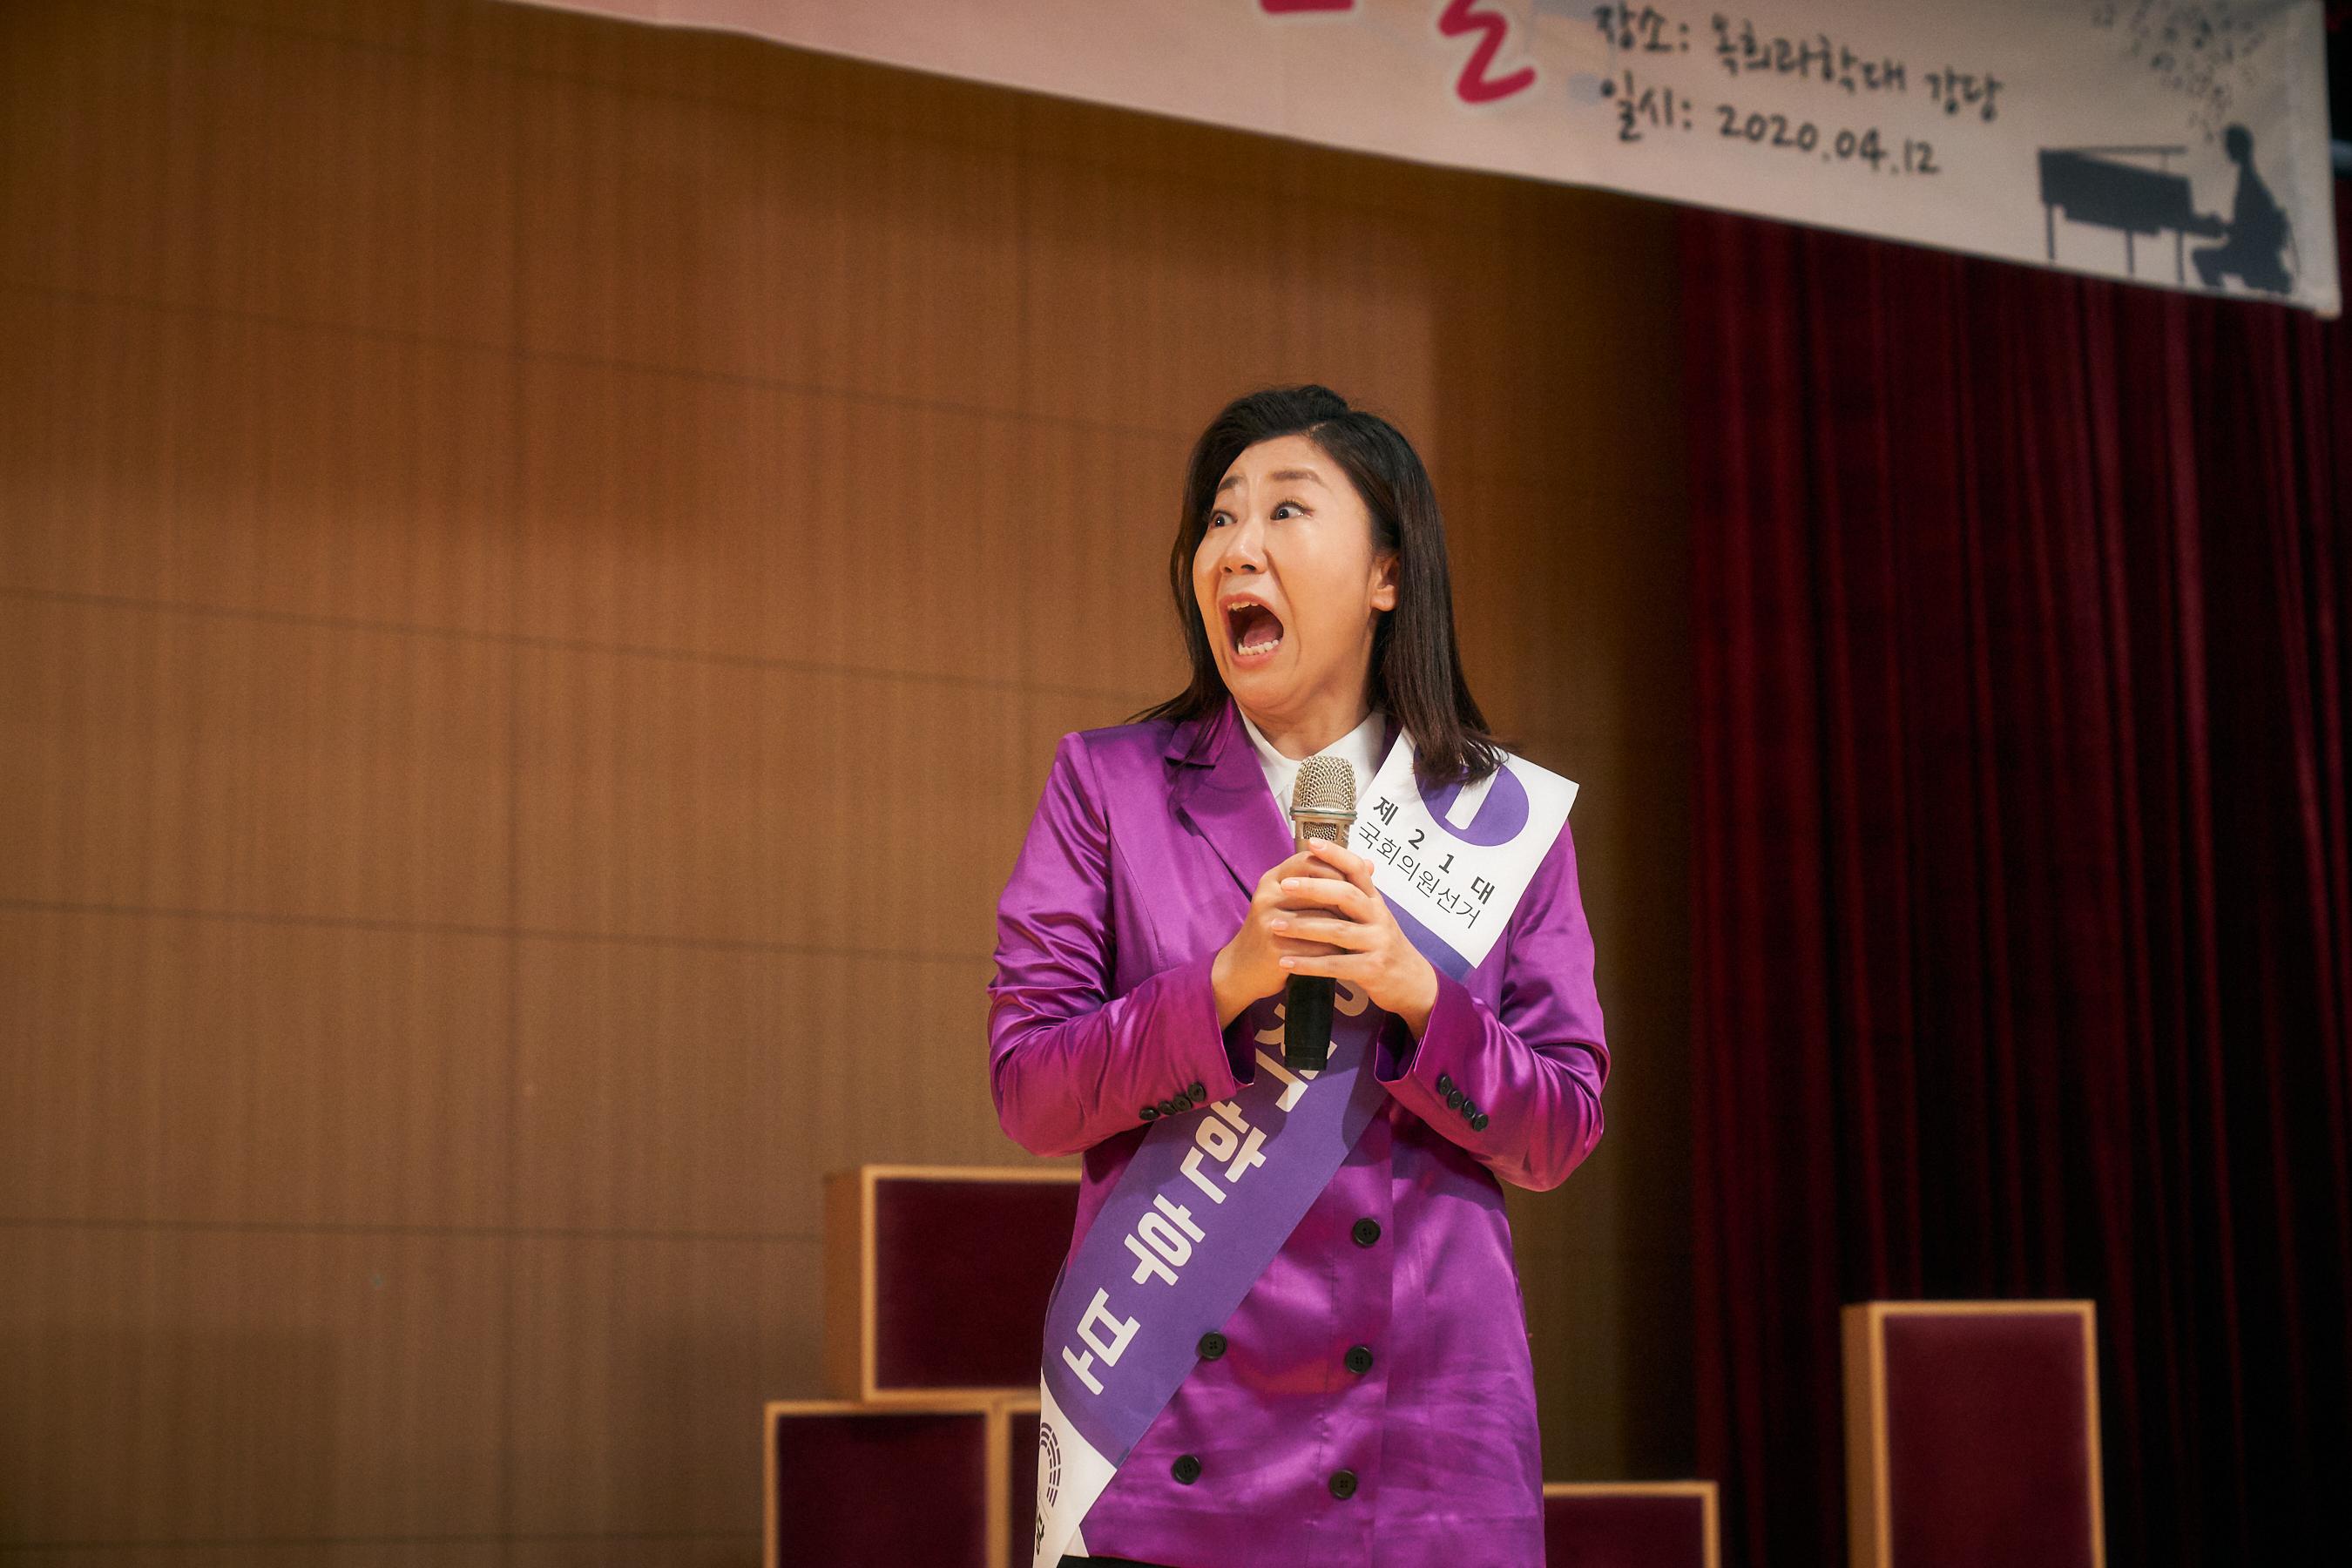 [애프터스크리닝] 탄탄한 연기위에 제대로 터지는 웃음 '정직한 후보' ★★★☆